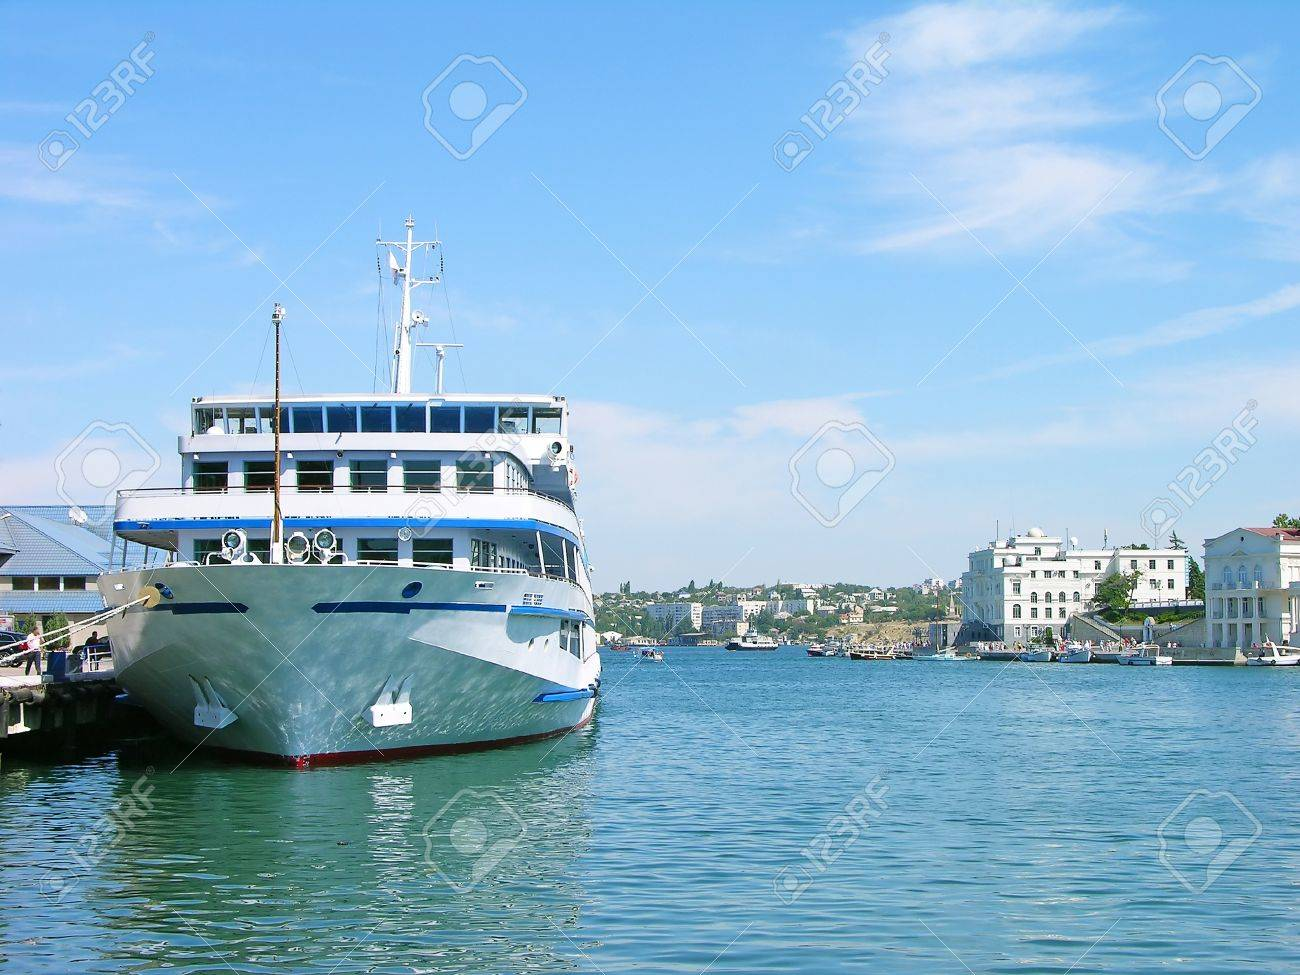 Cruise liner in Sevastopol harbor Stock Photo - 13941784